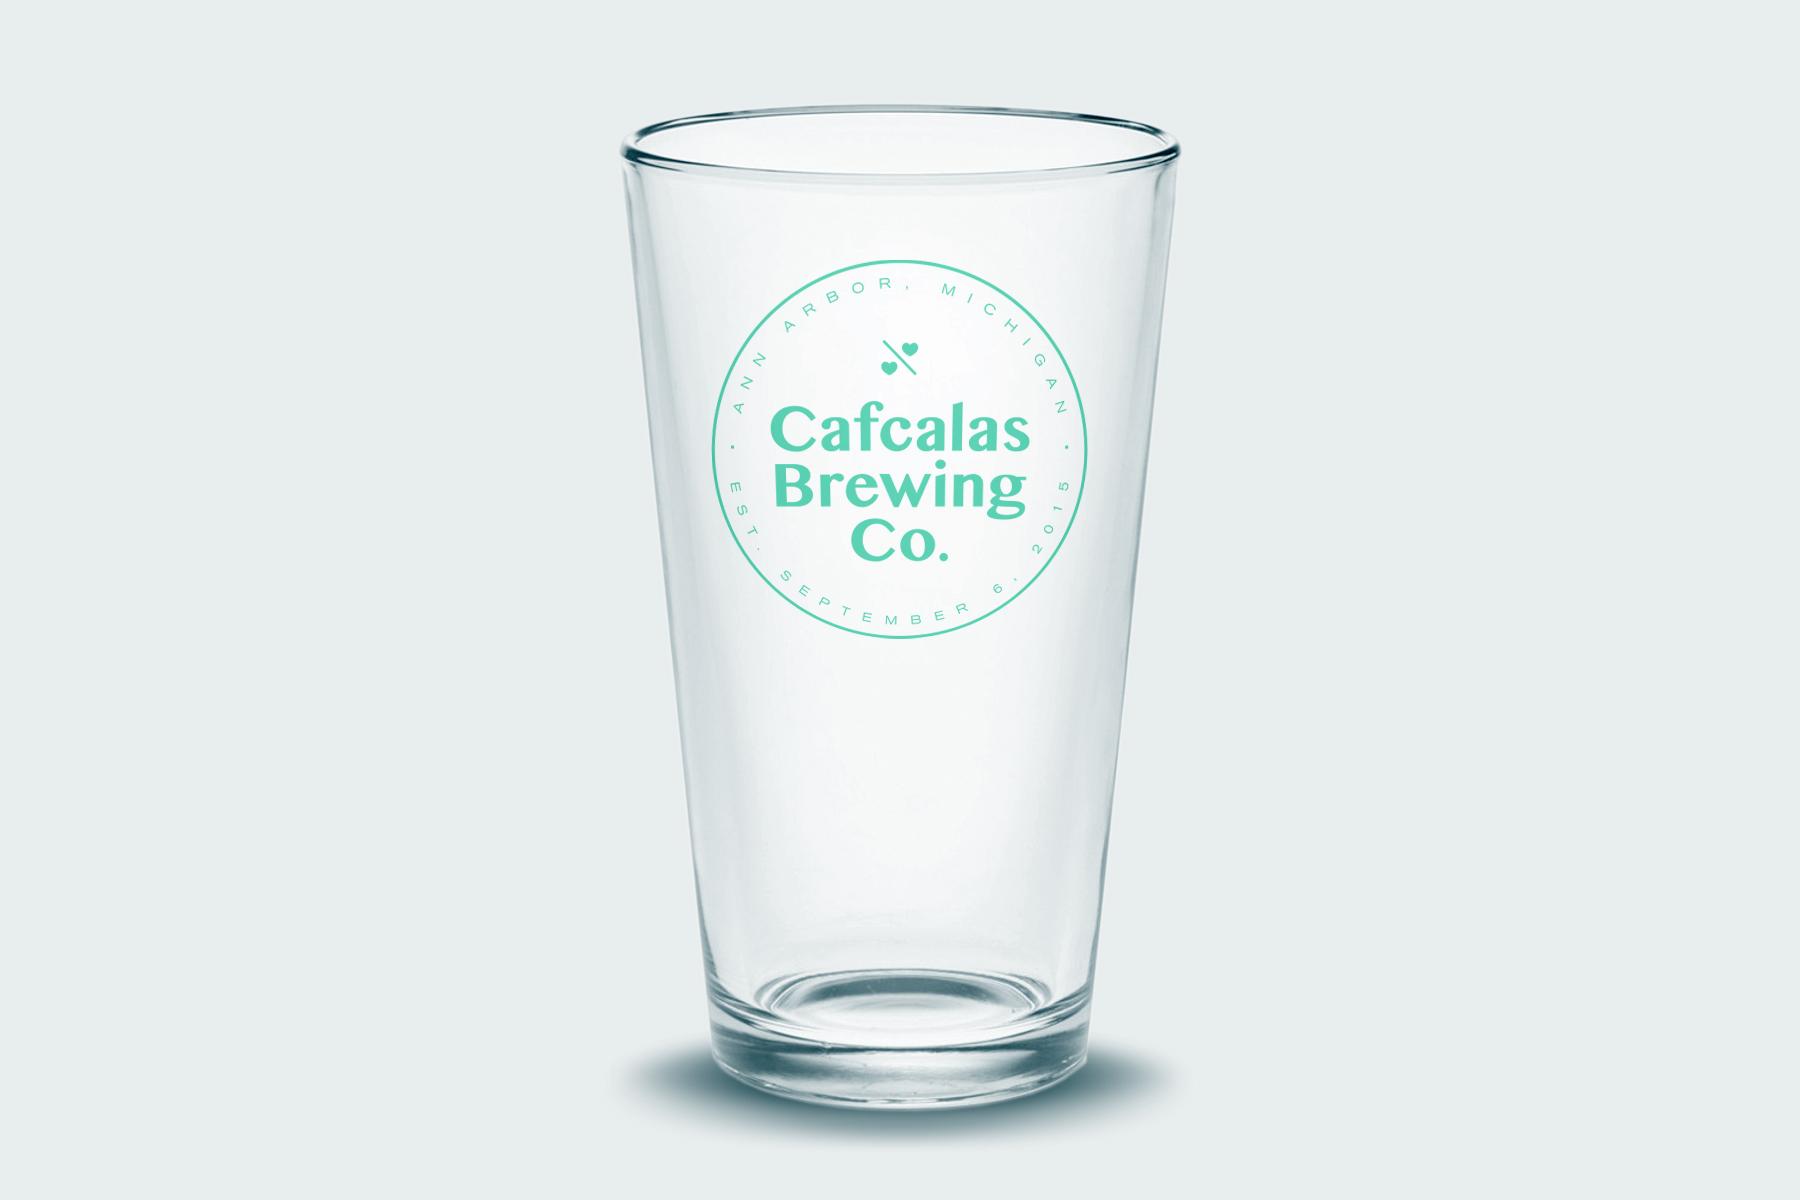 cafcalas-glass_2x3_2b.jpg